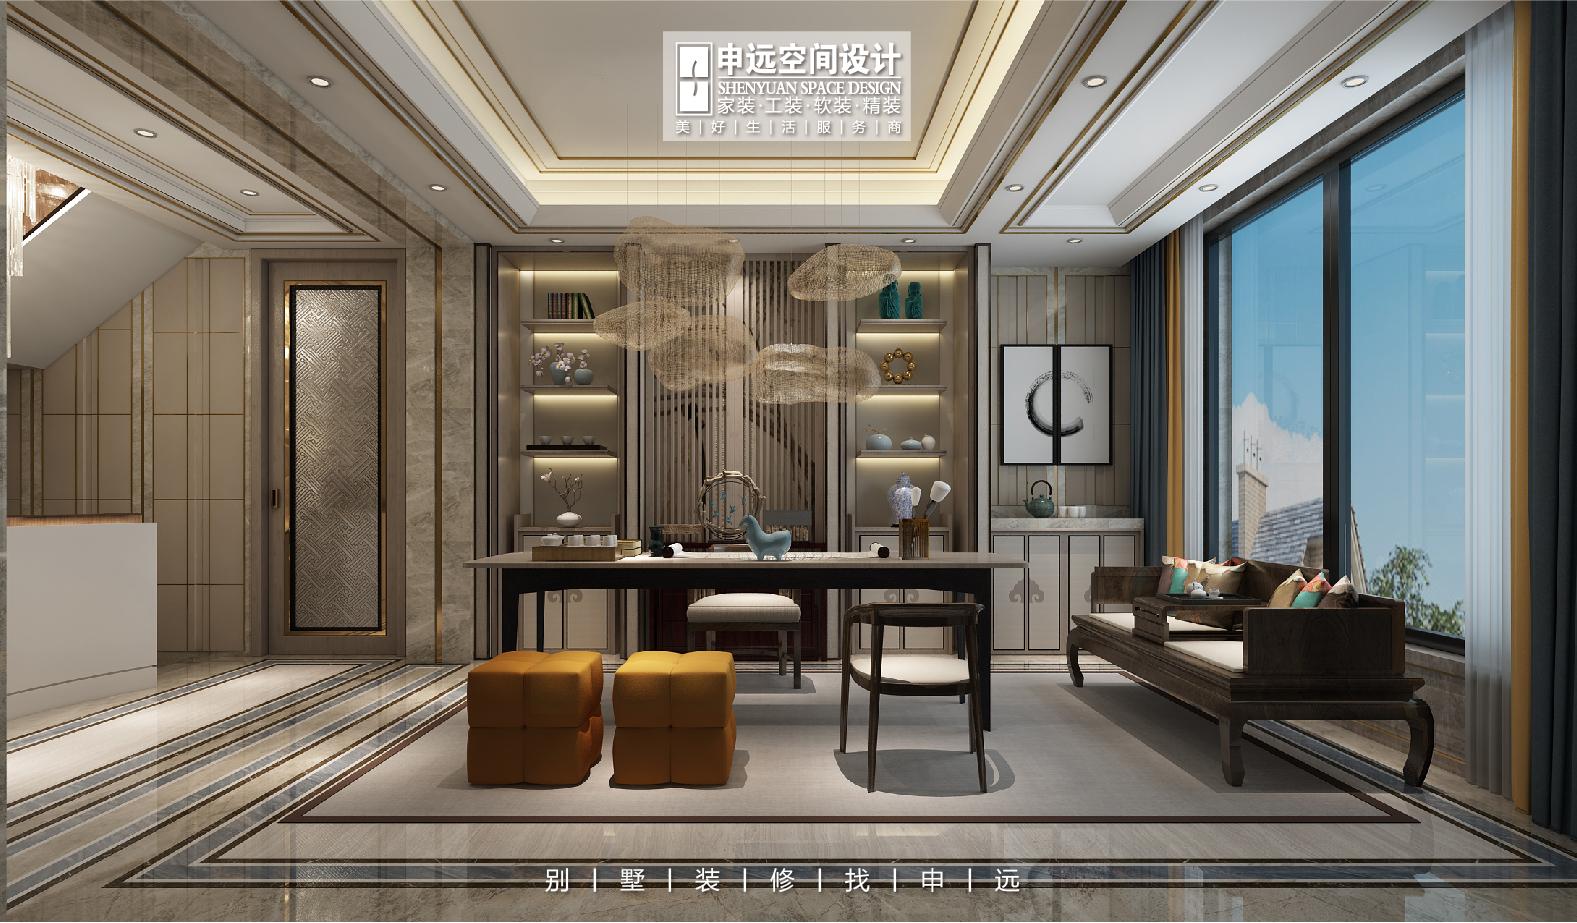 北京申远 别墅装修 别墅 书房图片来自申远空间设计北京分公司在北京申远空间设计-别墅装修设计的分享